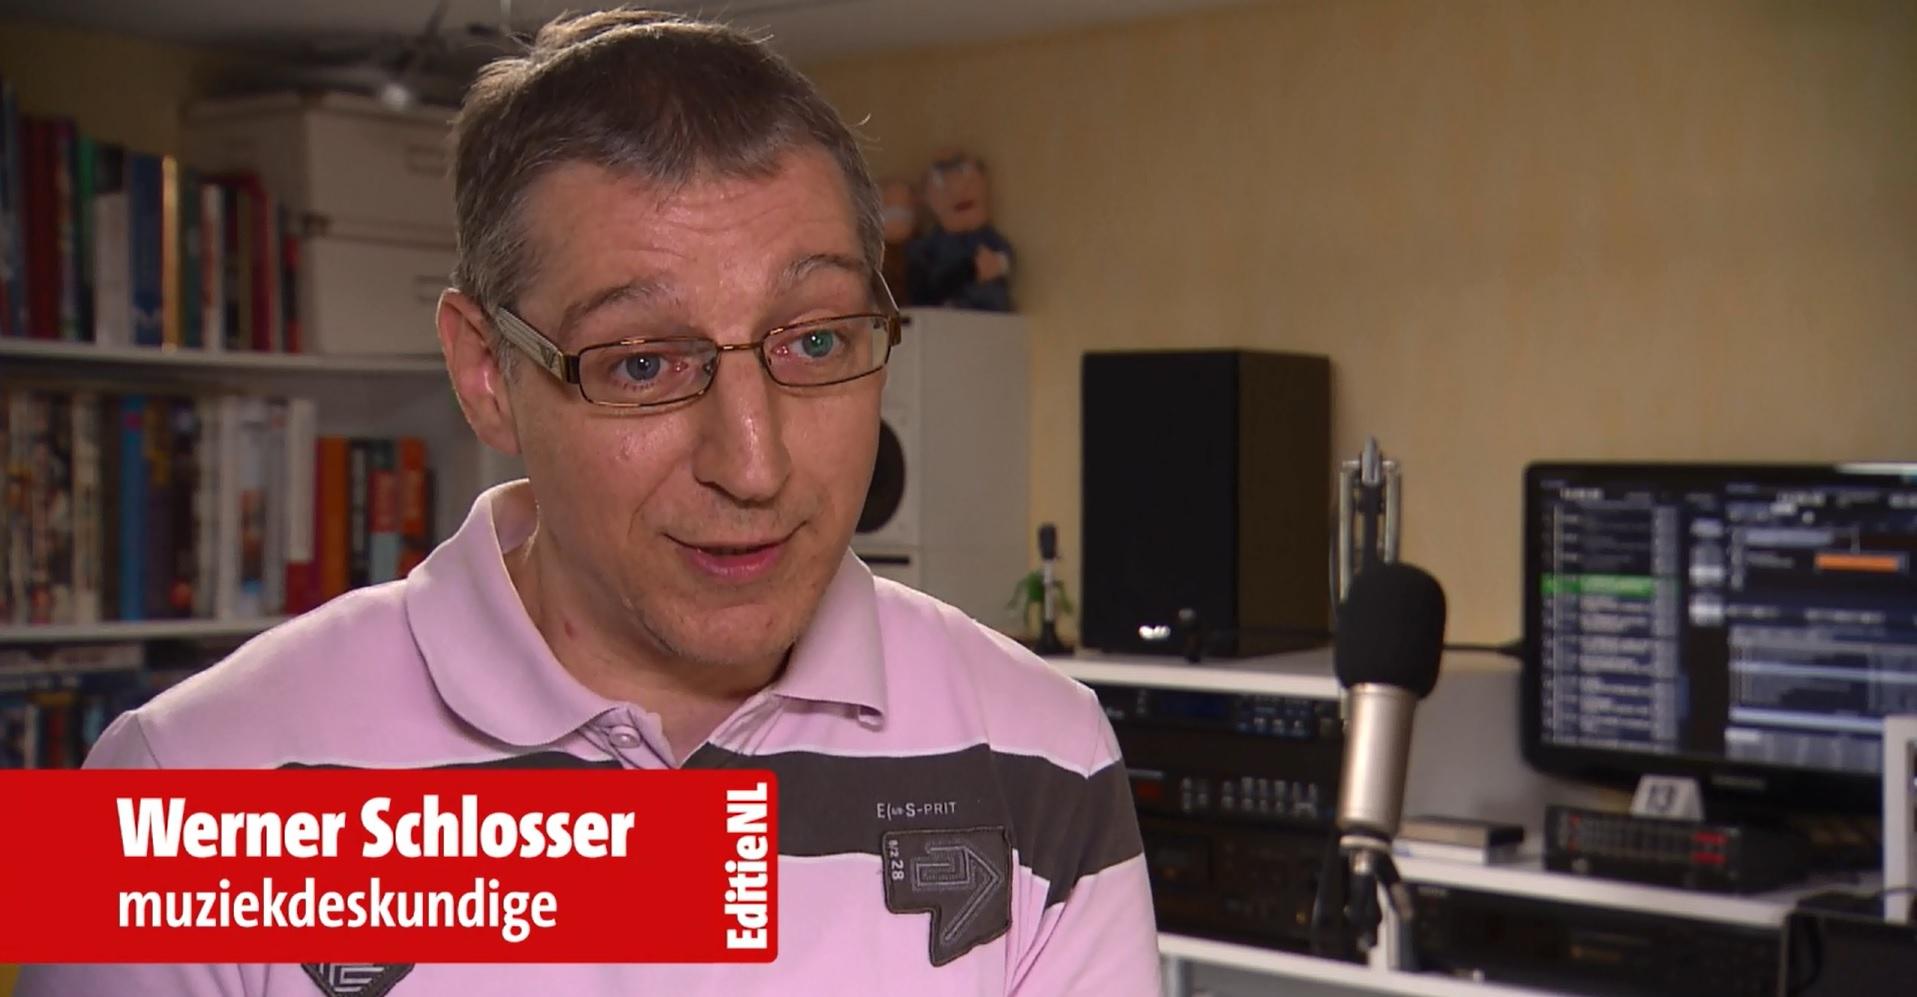 Werner Schlosser muziekdeskundige